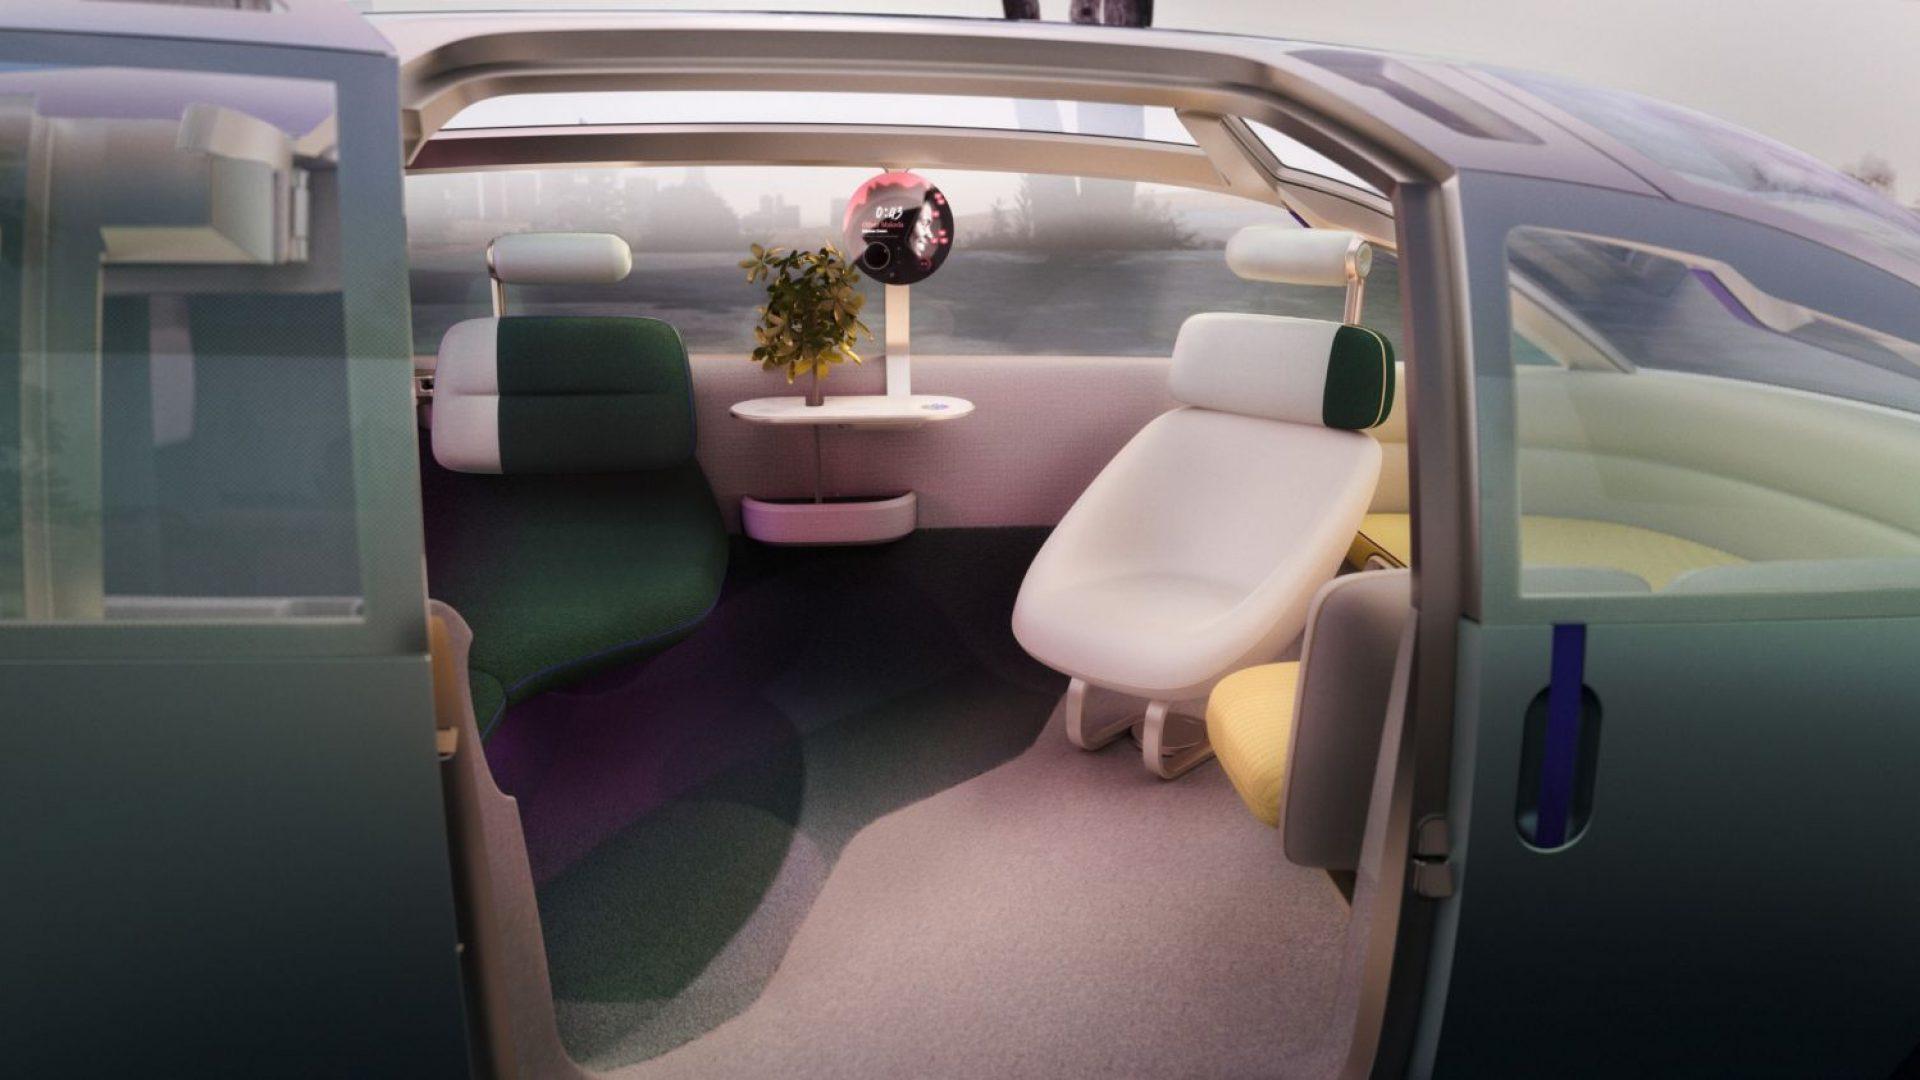 2020-Mini-Vision-Urbanaut-Concept-Interior-03